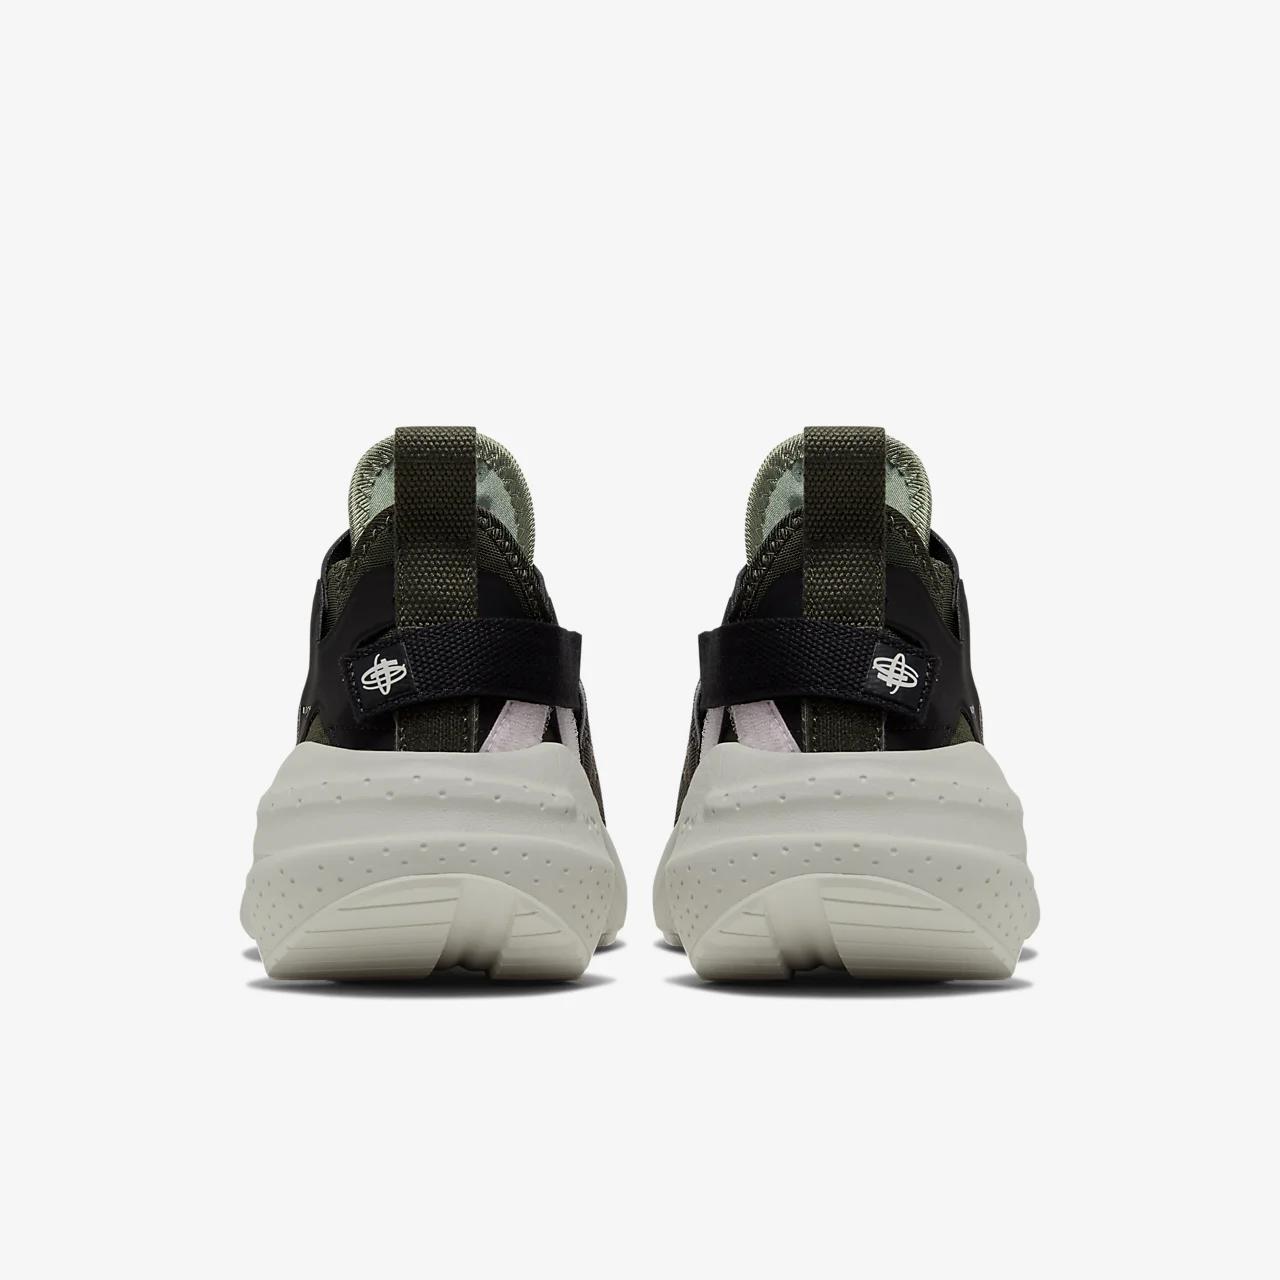 나이키 허라취 타입 남성 신발 BQ5102-300